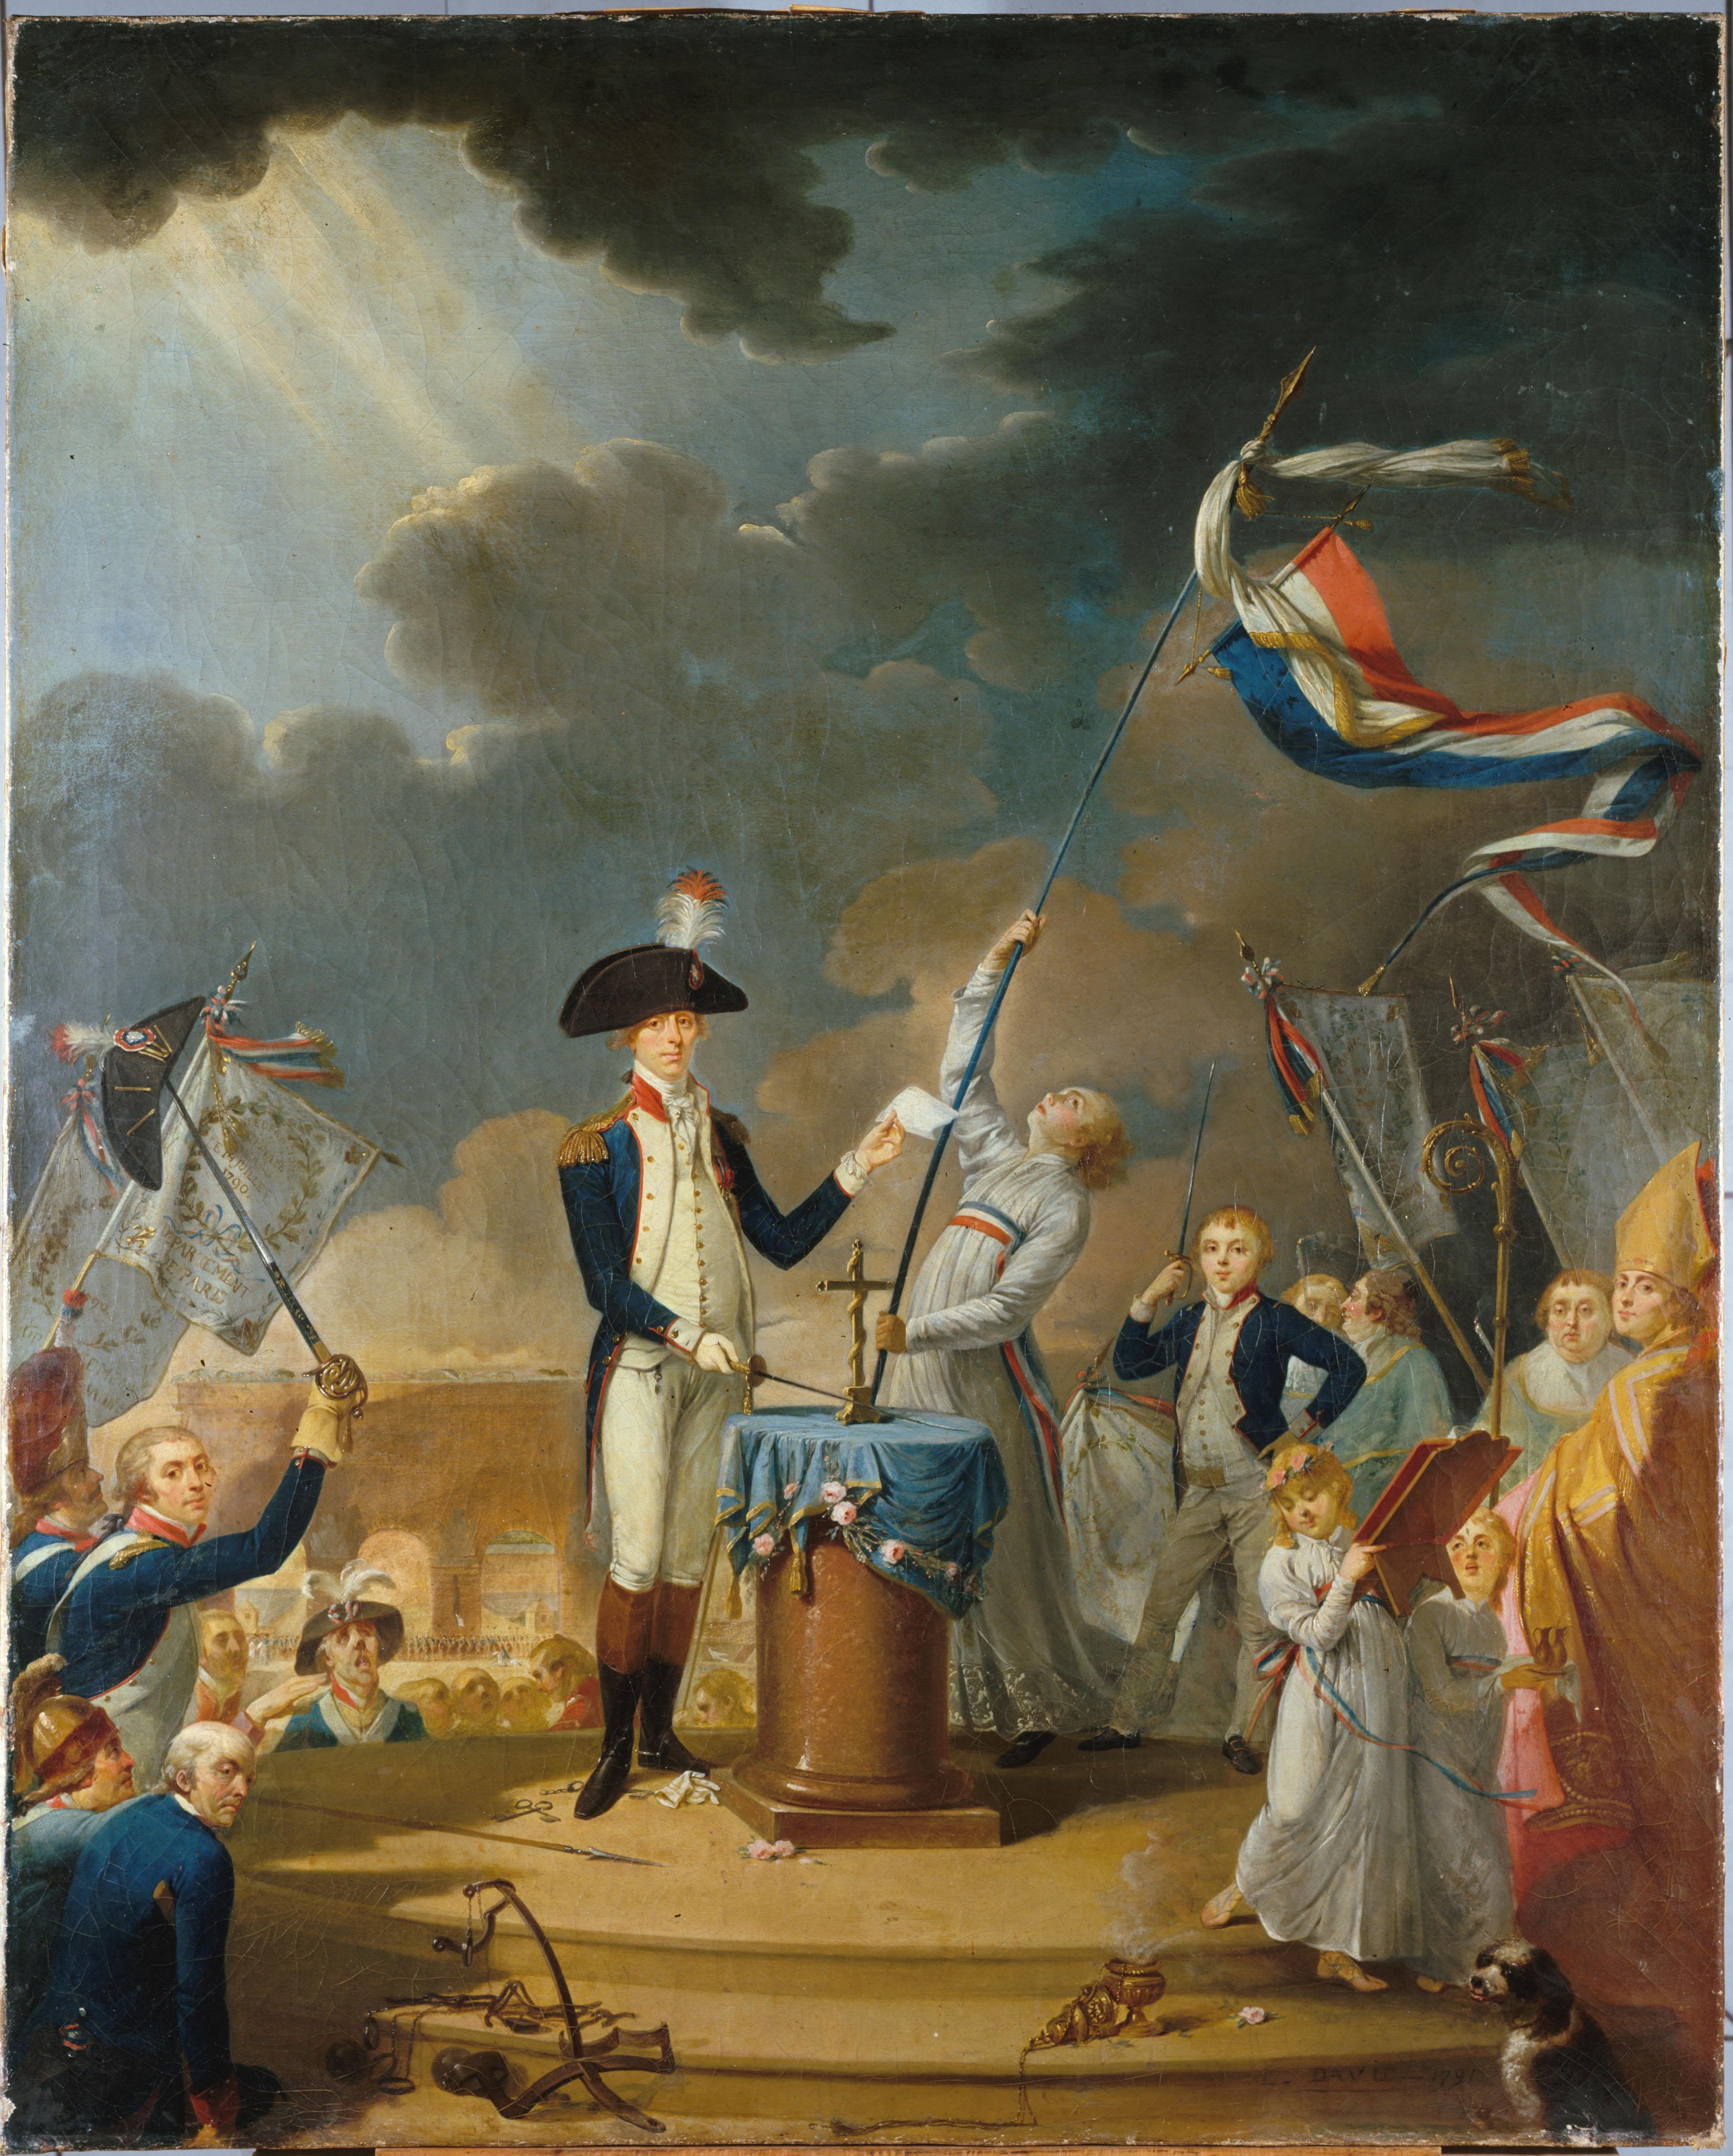 Marie-Joseph Paul Yves Roch Gilbert du Motier, Marquis de la Fayette, at the Fête de la Fédération